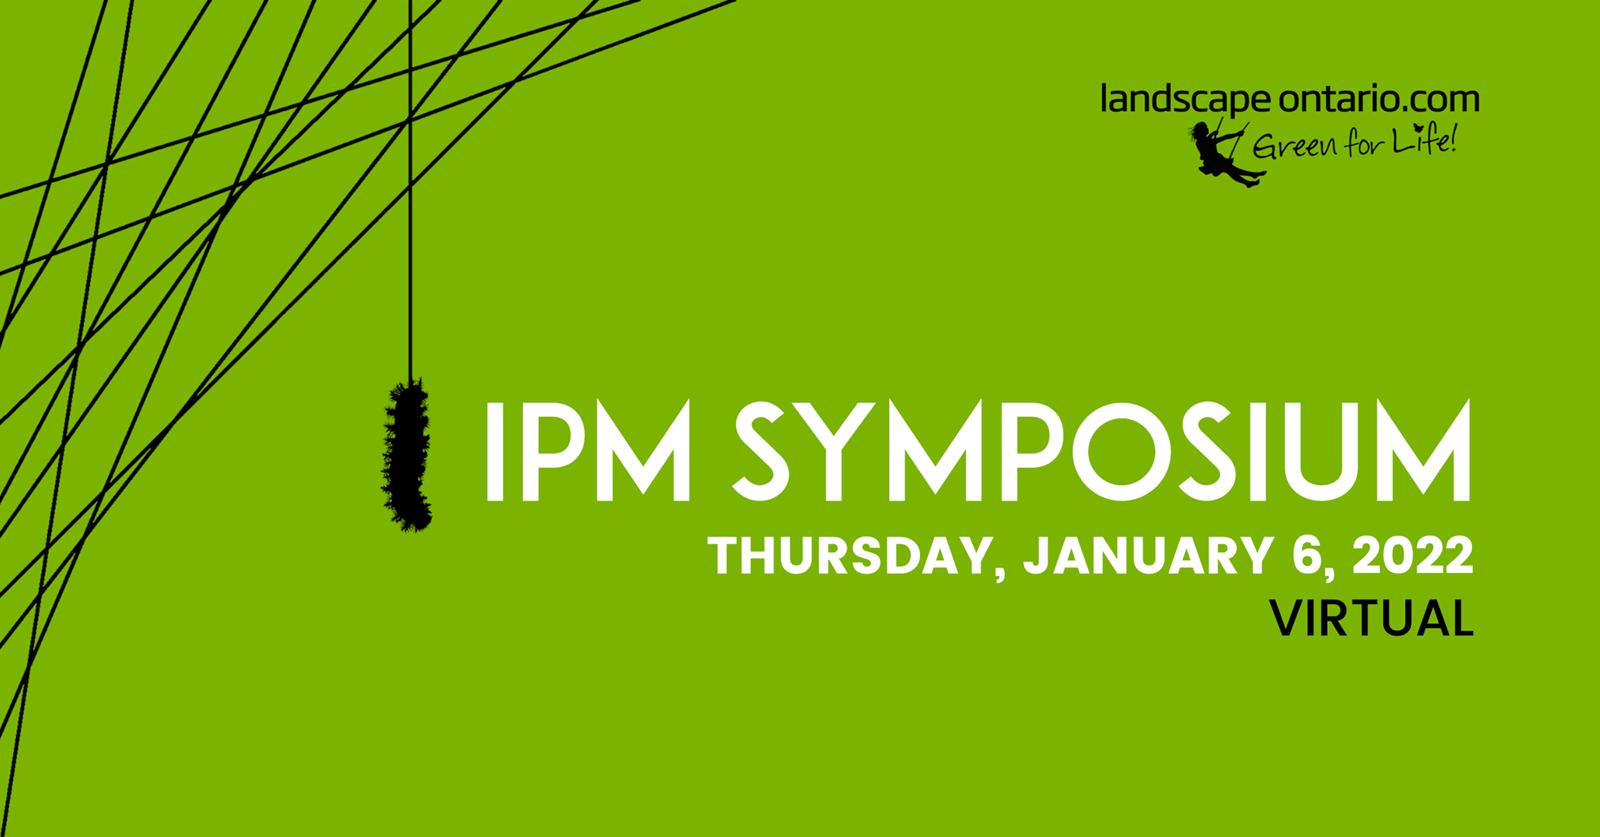 IPM Symposium 2022